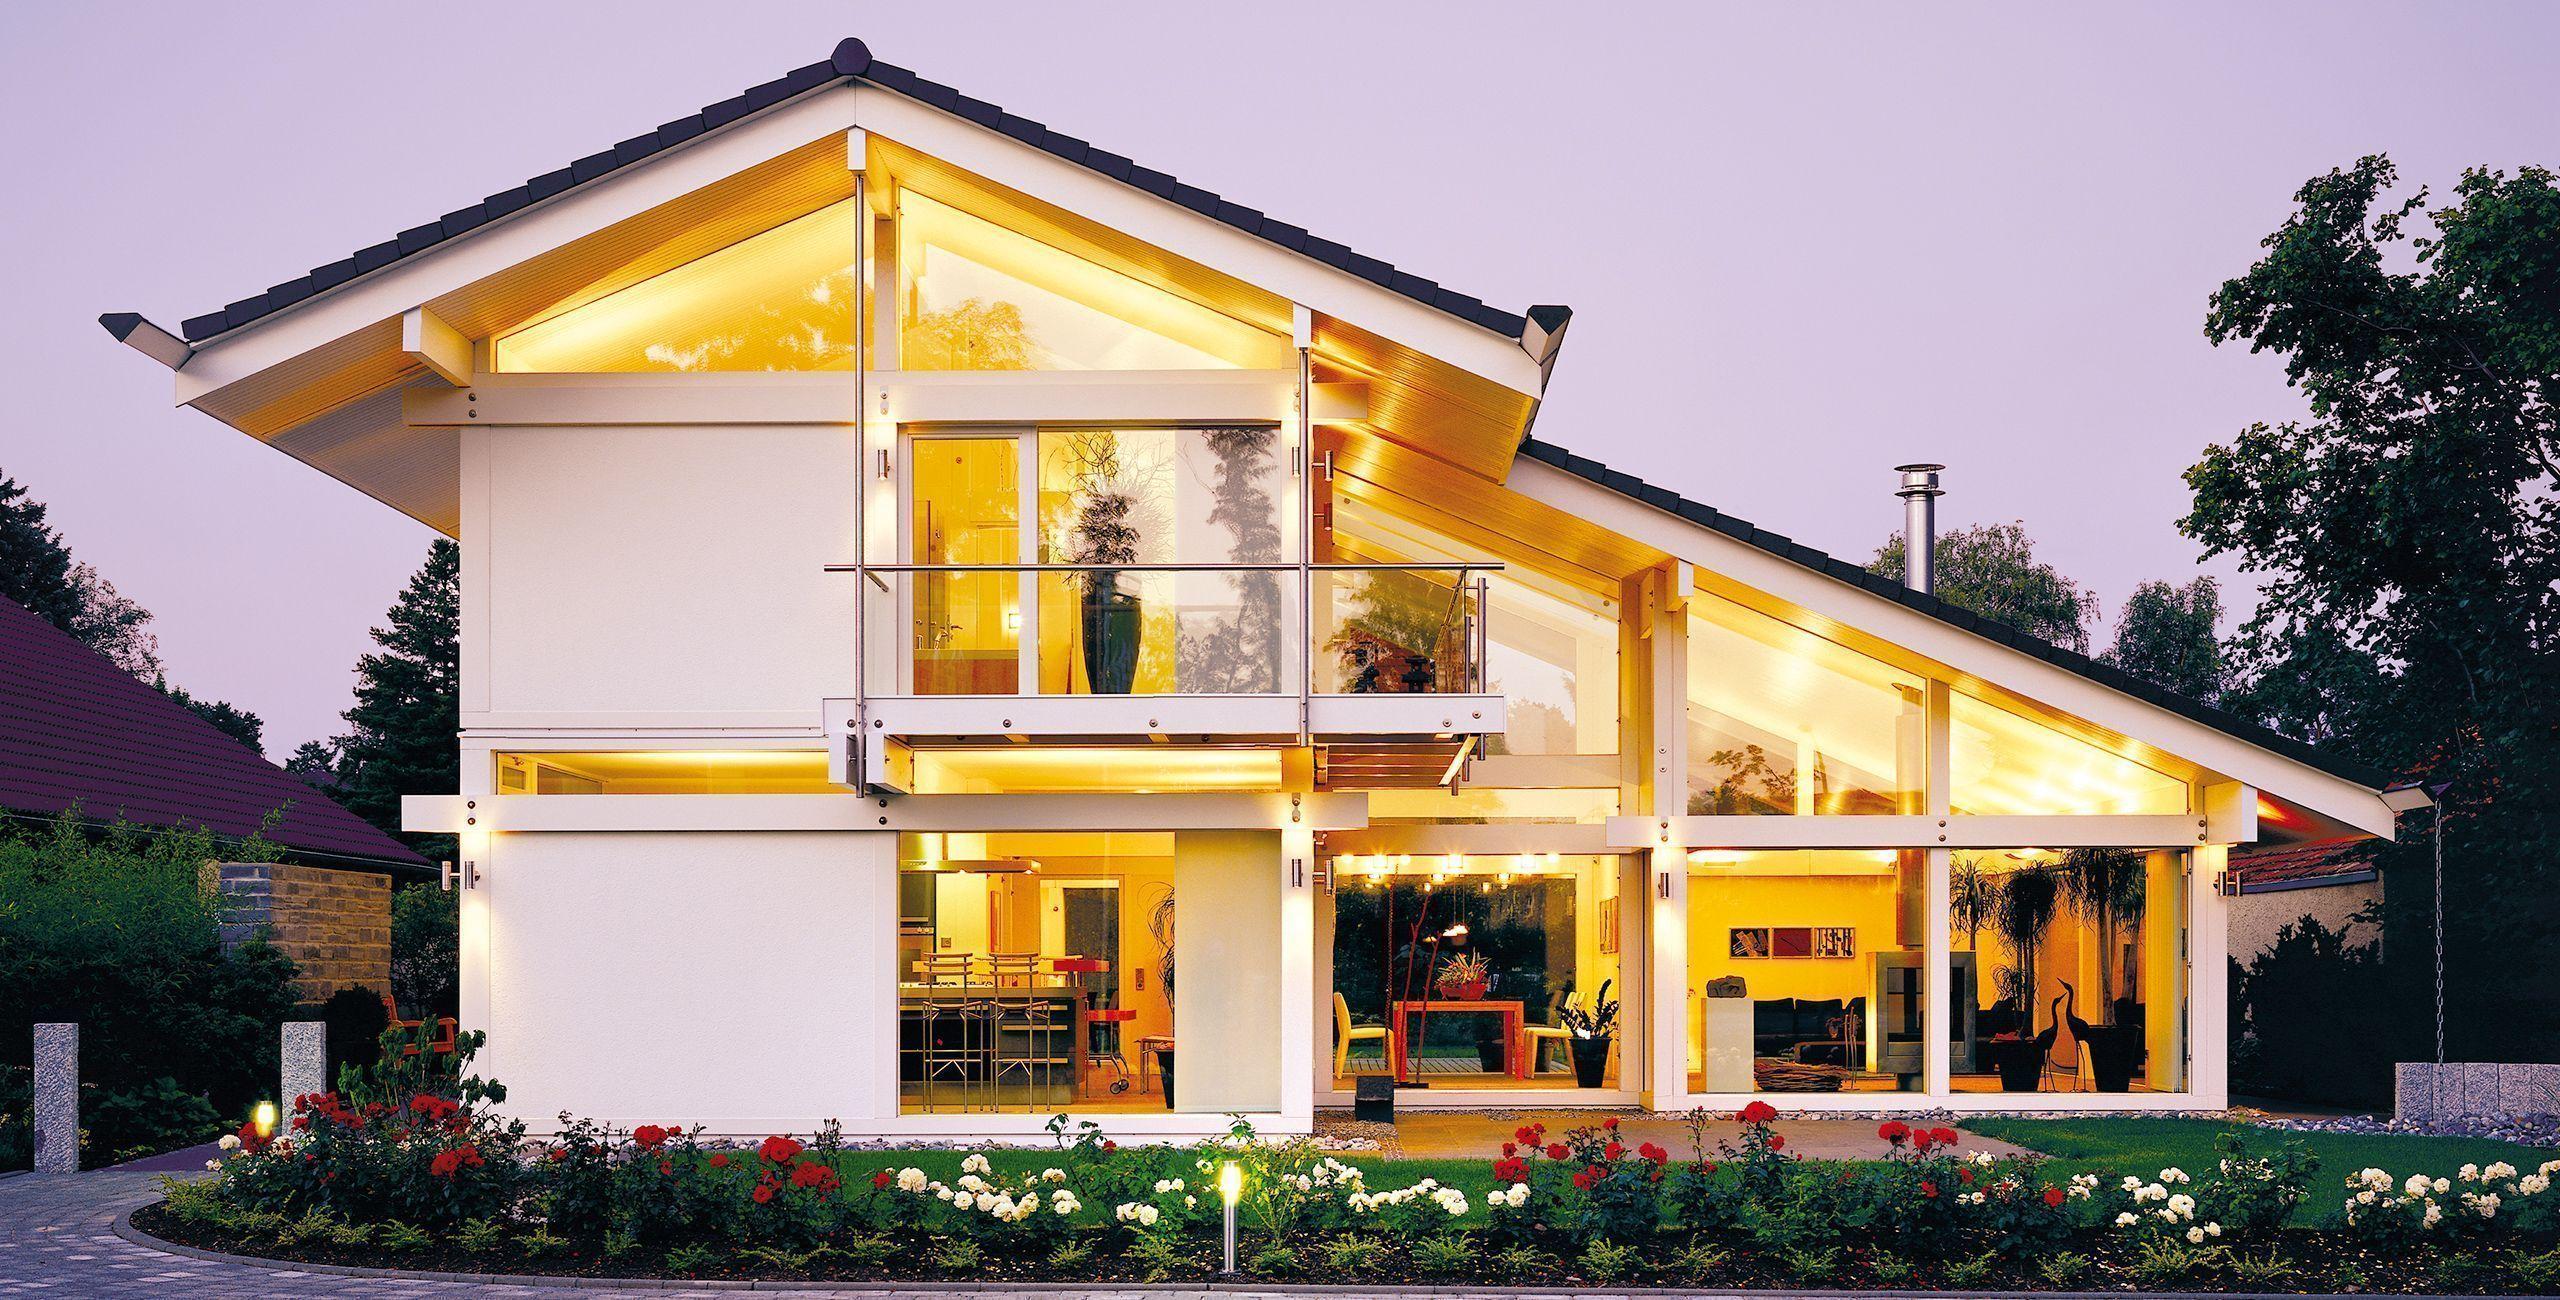 Musterhaus berlin schl sselfertig bauen in berlin mit for Haus bauen berlin